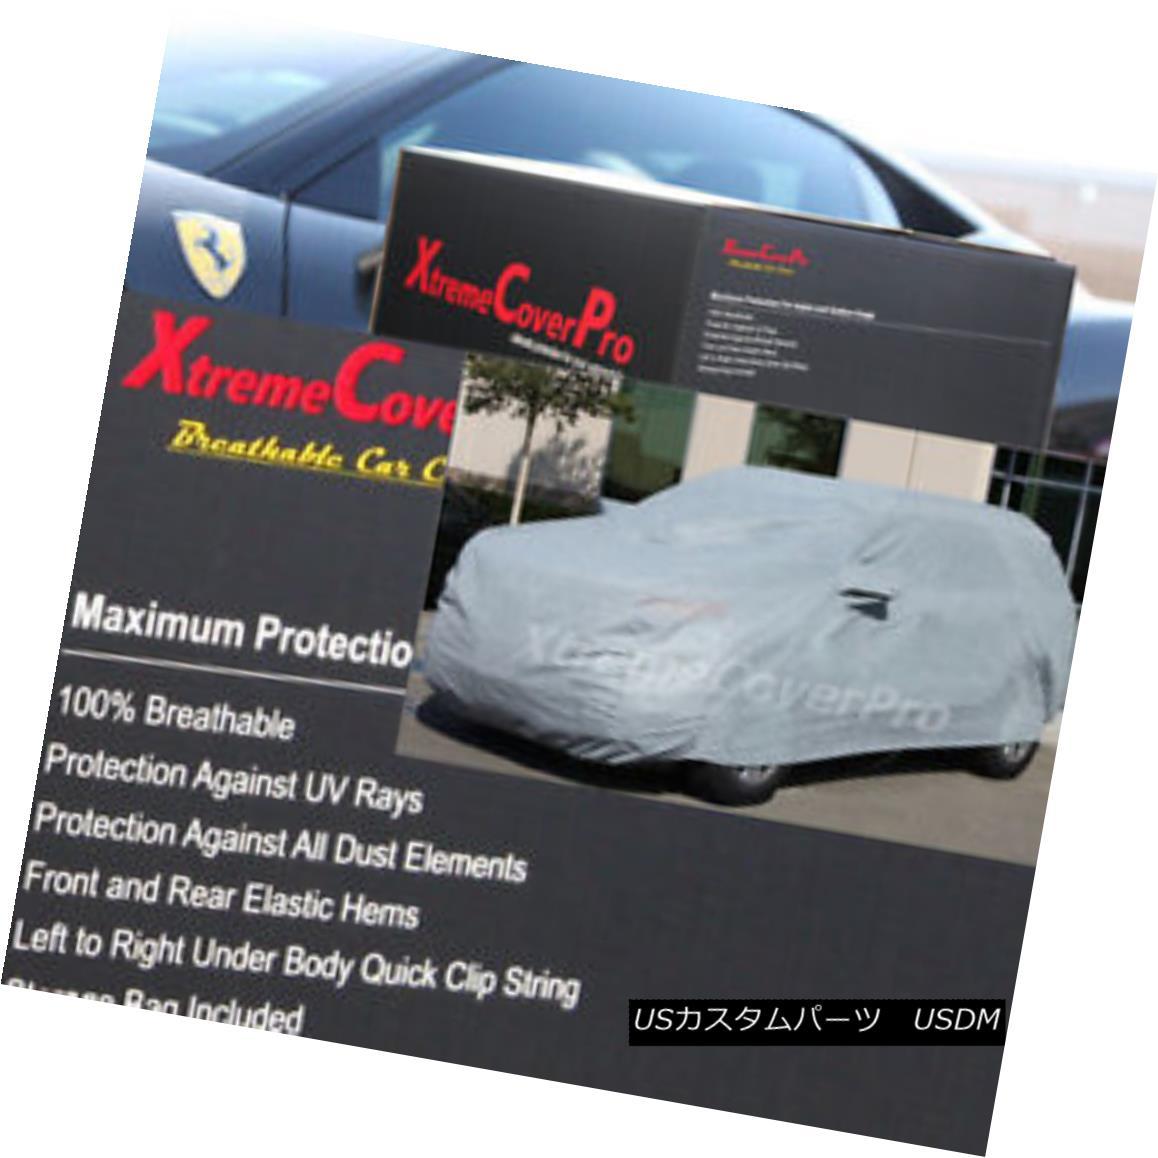 カーカバー 2014 Jeep Wrangler 4-DOOR Unlimited Breathable Car Cover w/ Mirror Pocket 2014ジープラングラー4-DOOR無制限通気性の車カバー付き/ミラーポケット